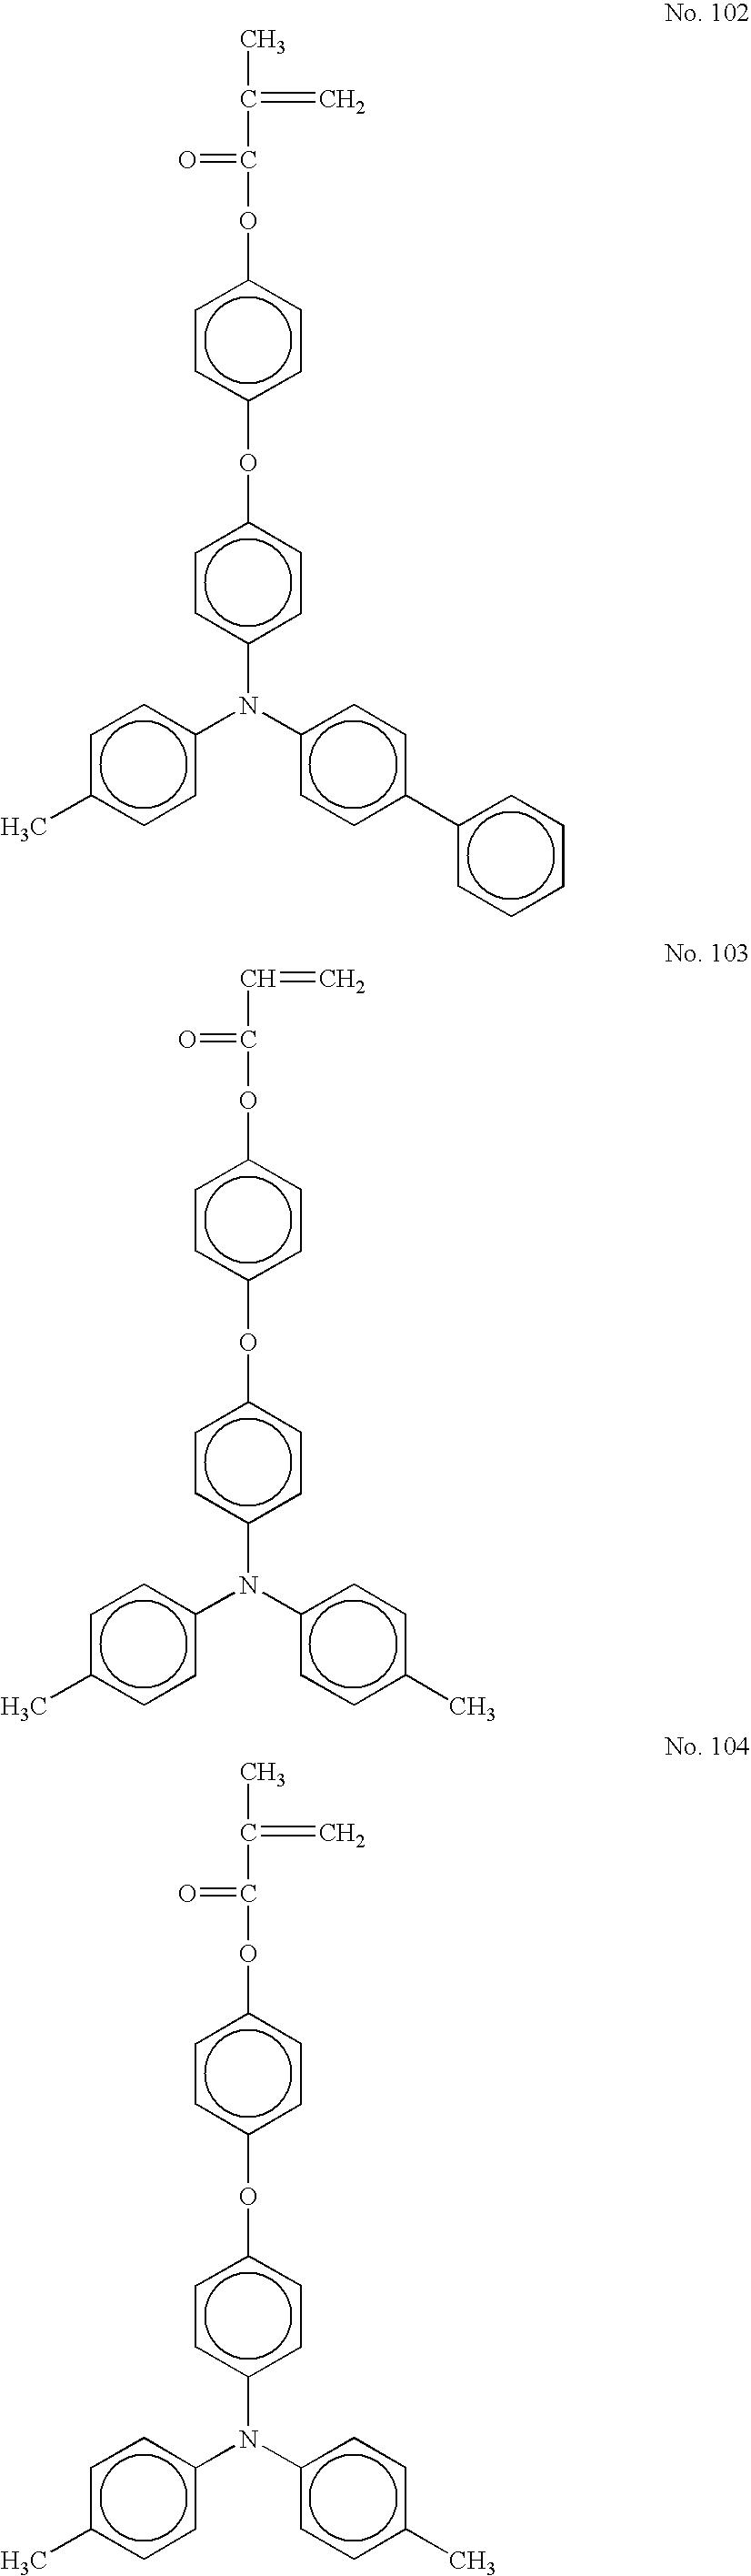 Figure US07361438-20080422-C00042